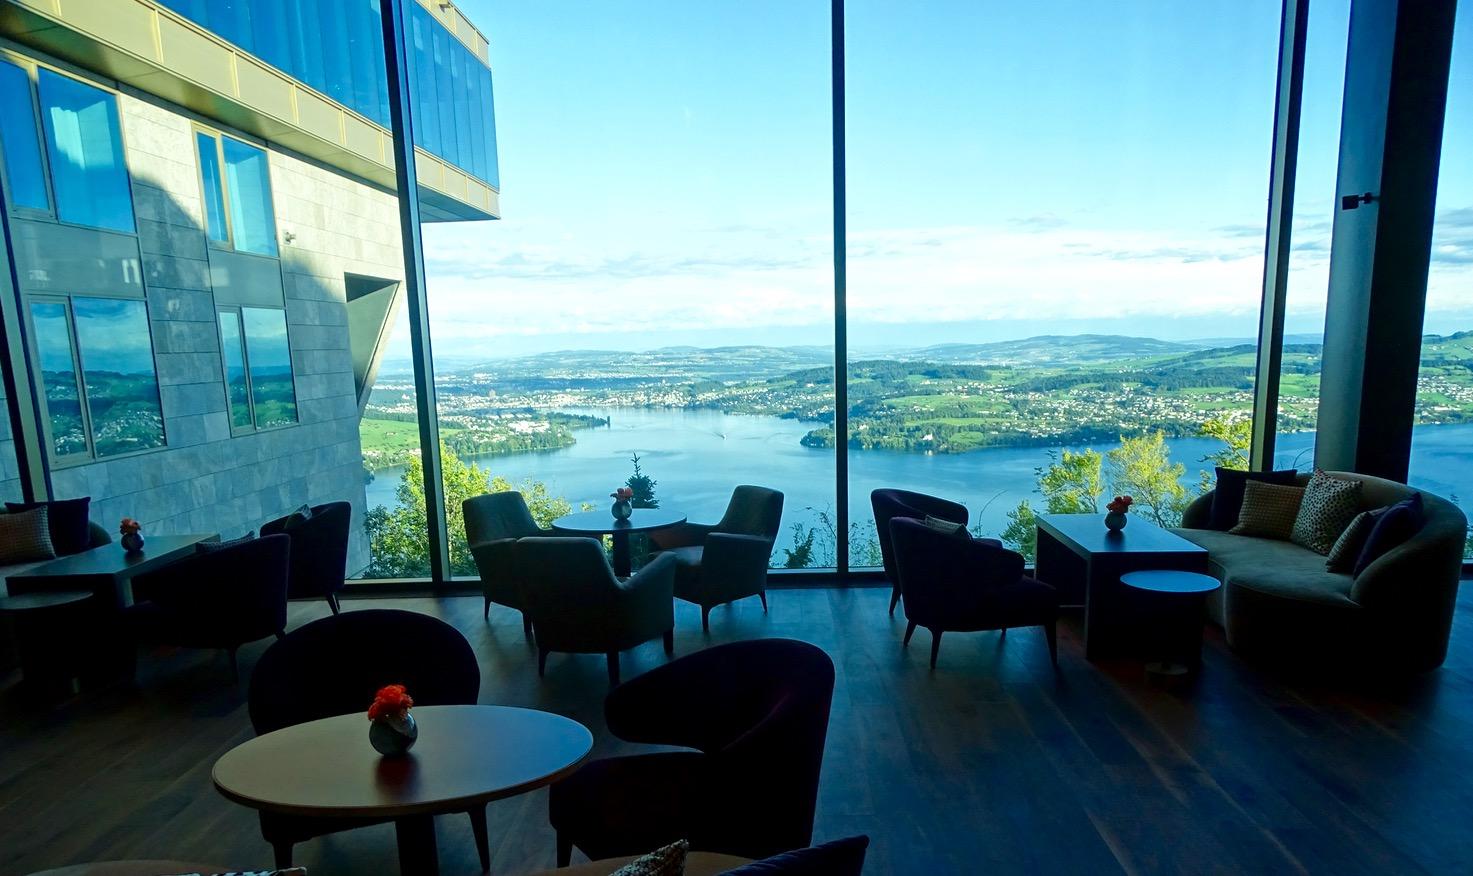 In der Lake View Lounge des Bürgenstock Resort hat man einen fantastischen Blick auf die Stadt Luzern.